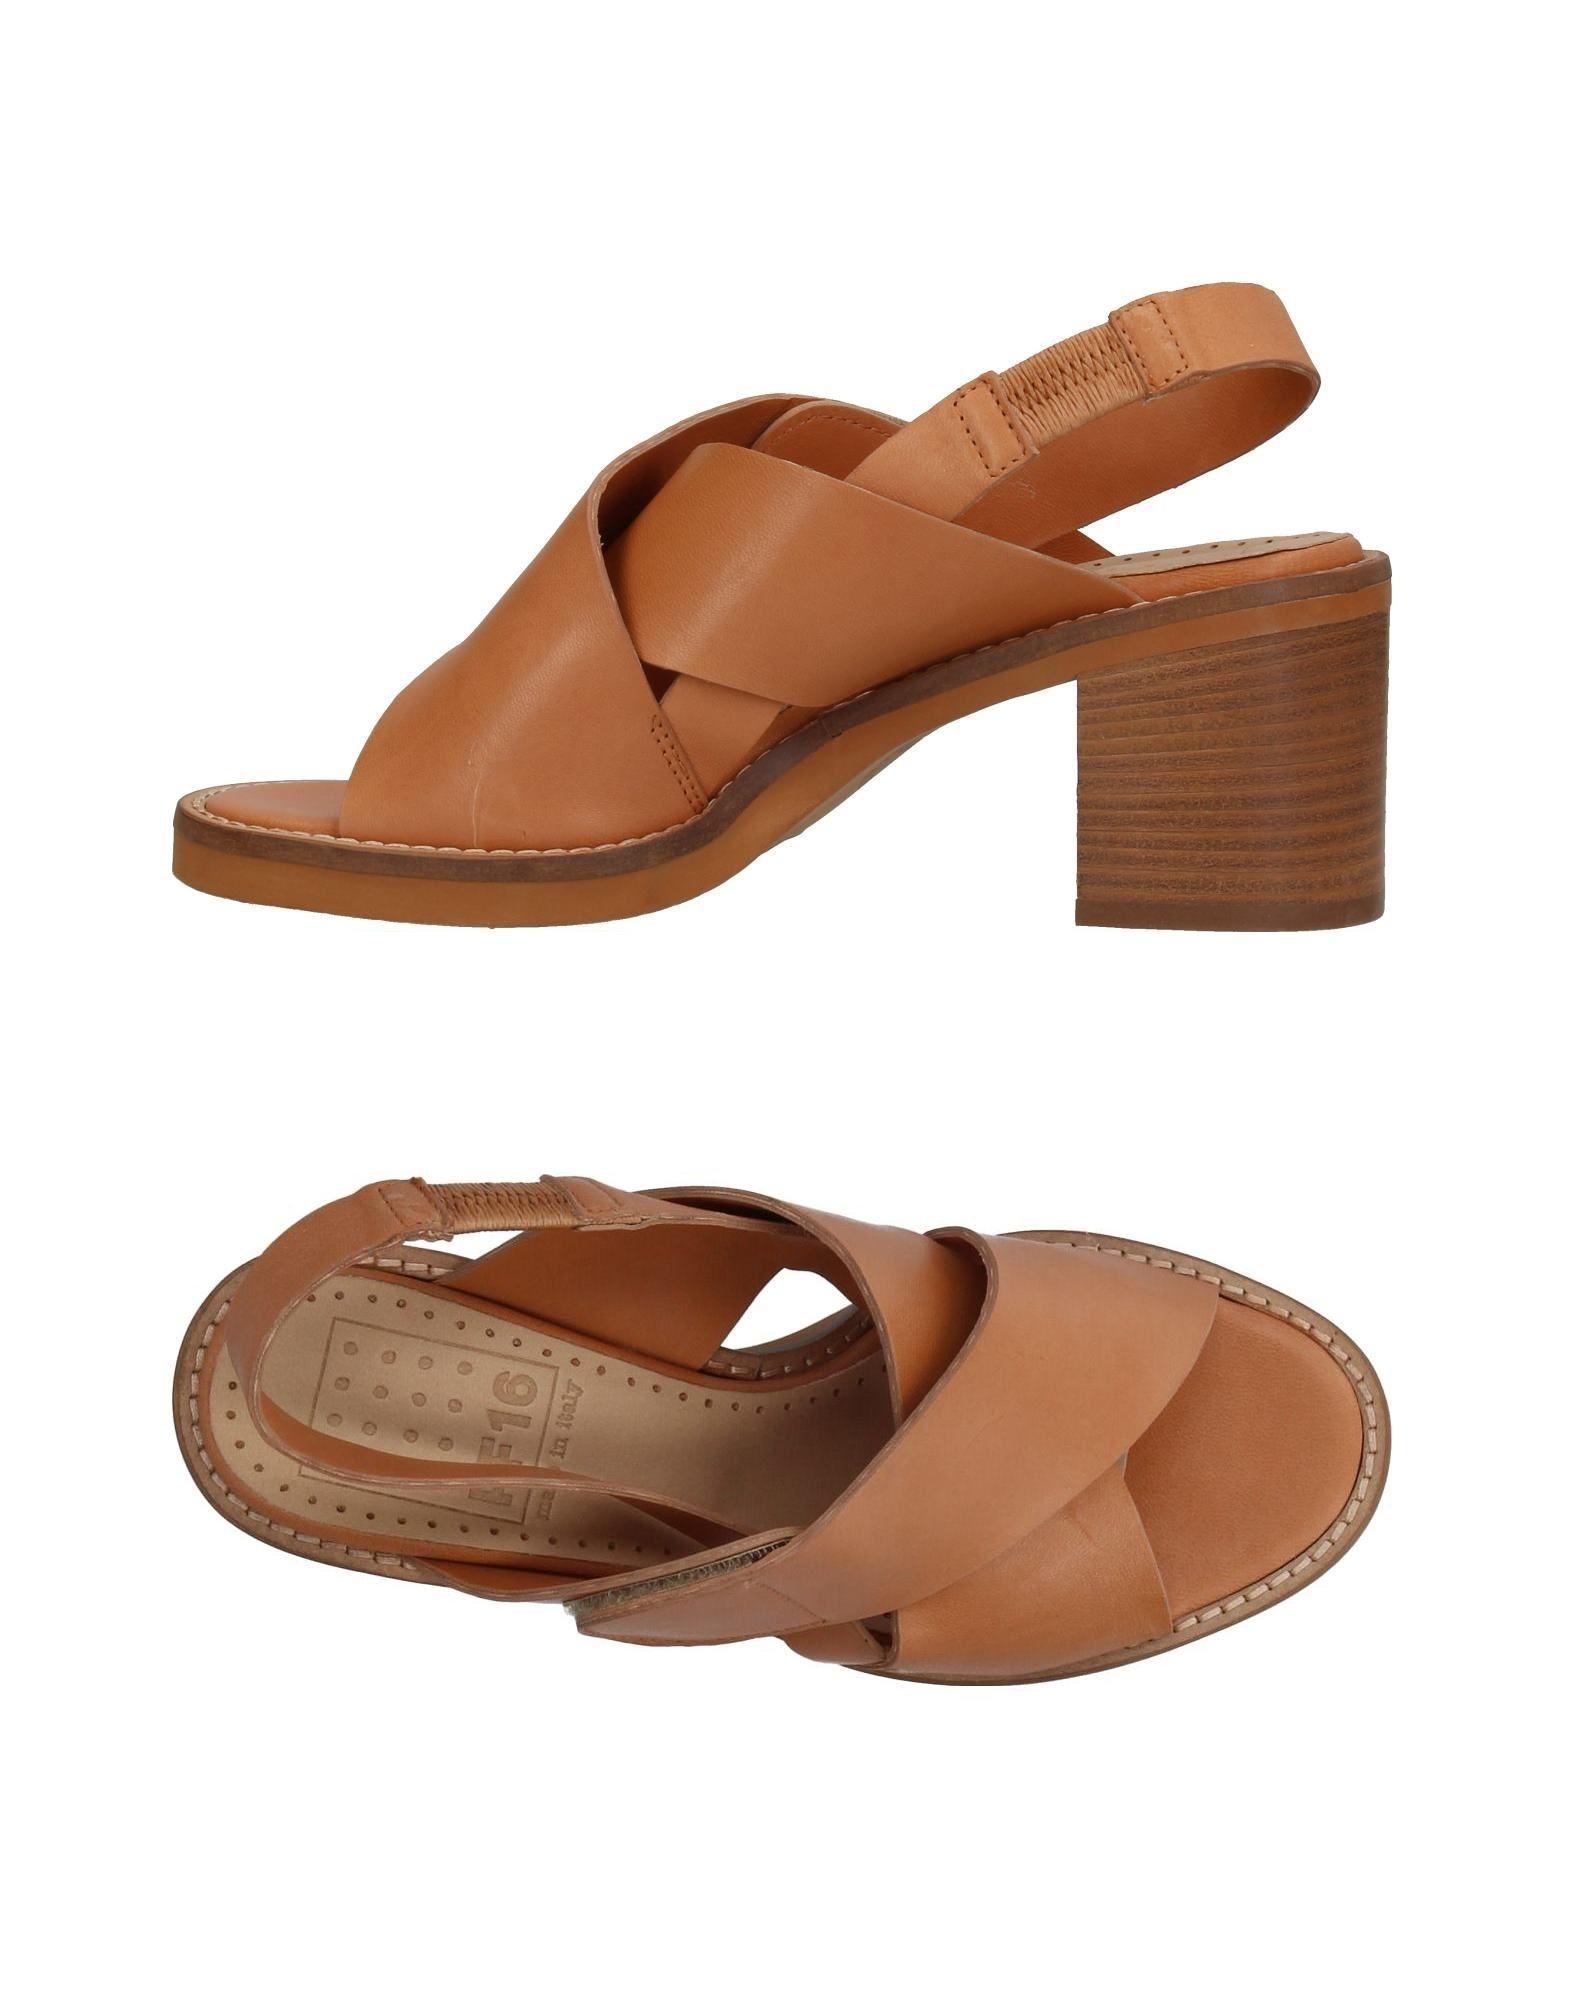 Pf16 Sandalen Damen  11357351EU Gute Qualität beliebte Schuhe